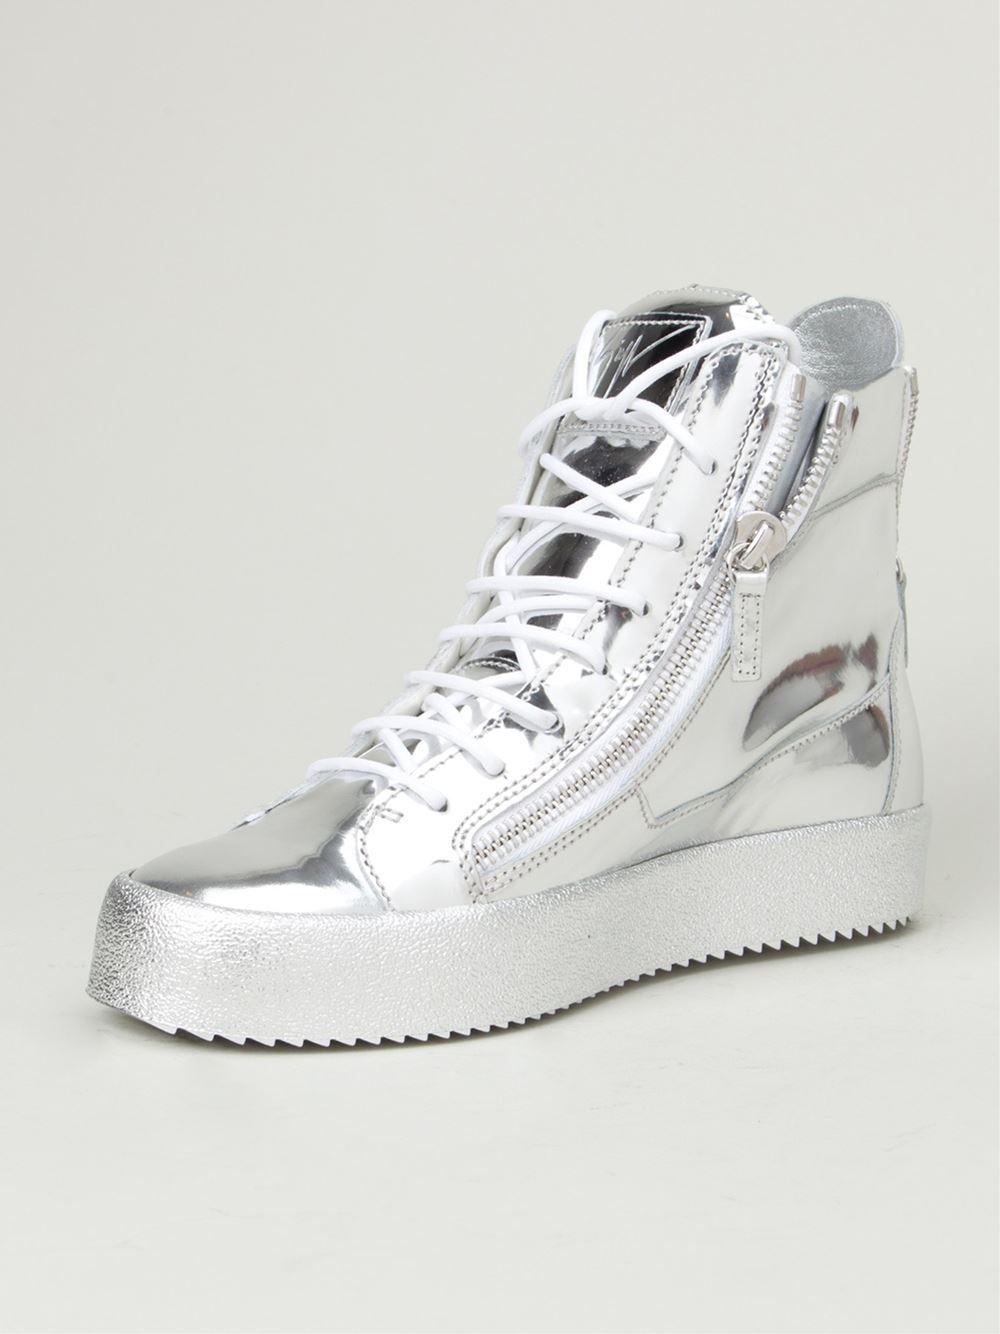 Giuseppe Zanotti Metallic Hi Top Sneakers In Silver For